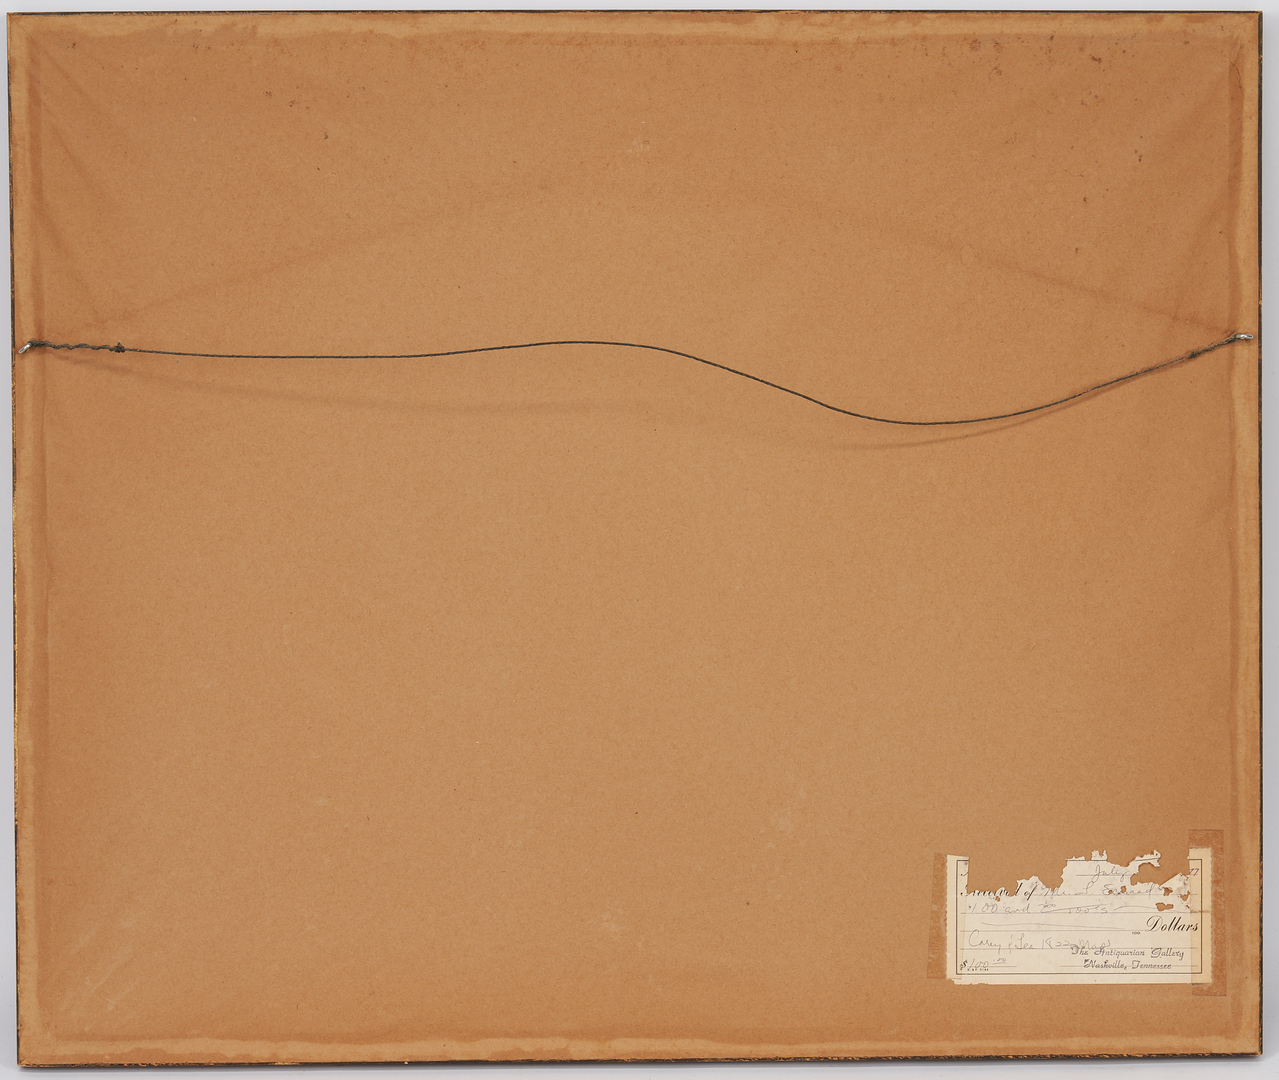 Lot 714: Tennessee Map, Lucas, Carey, & Lea, 1822